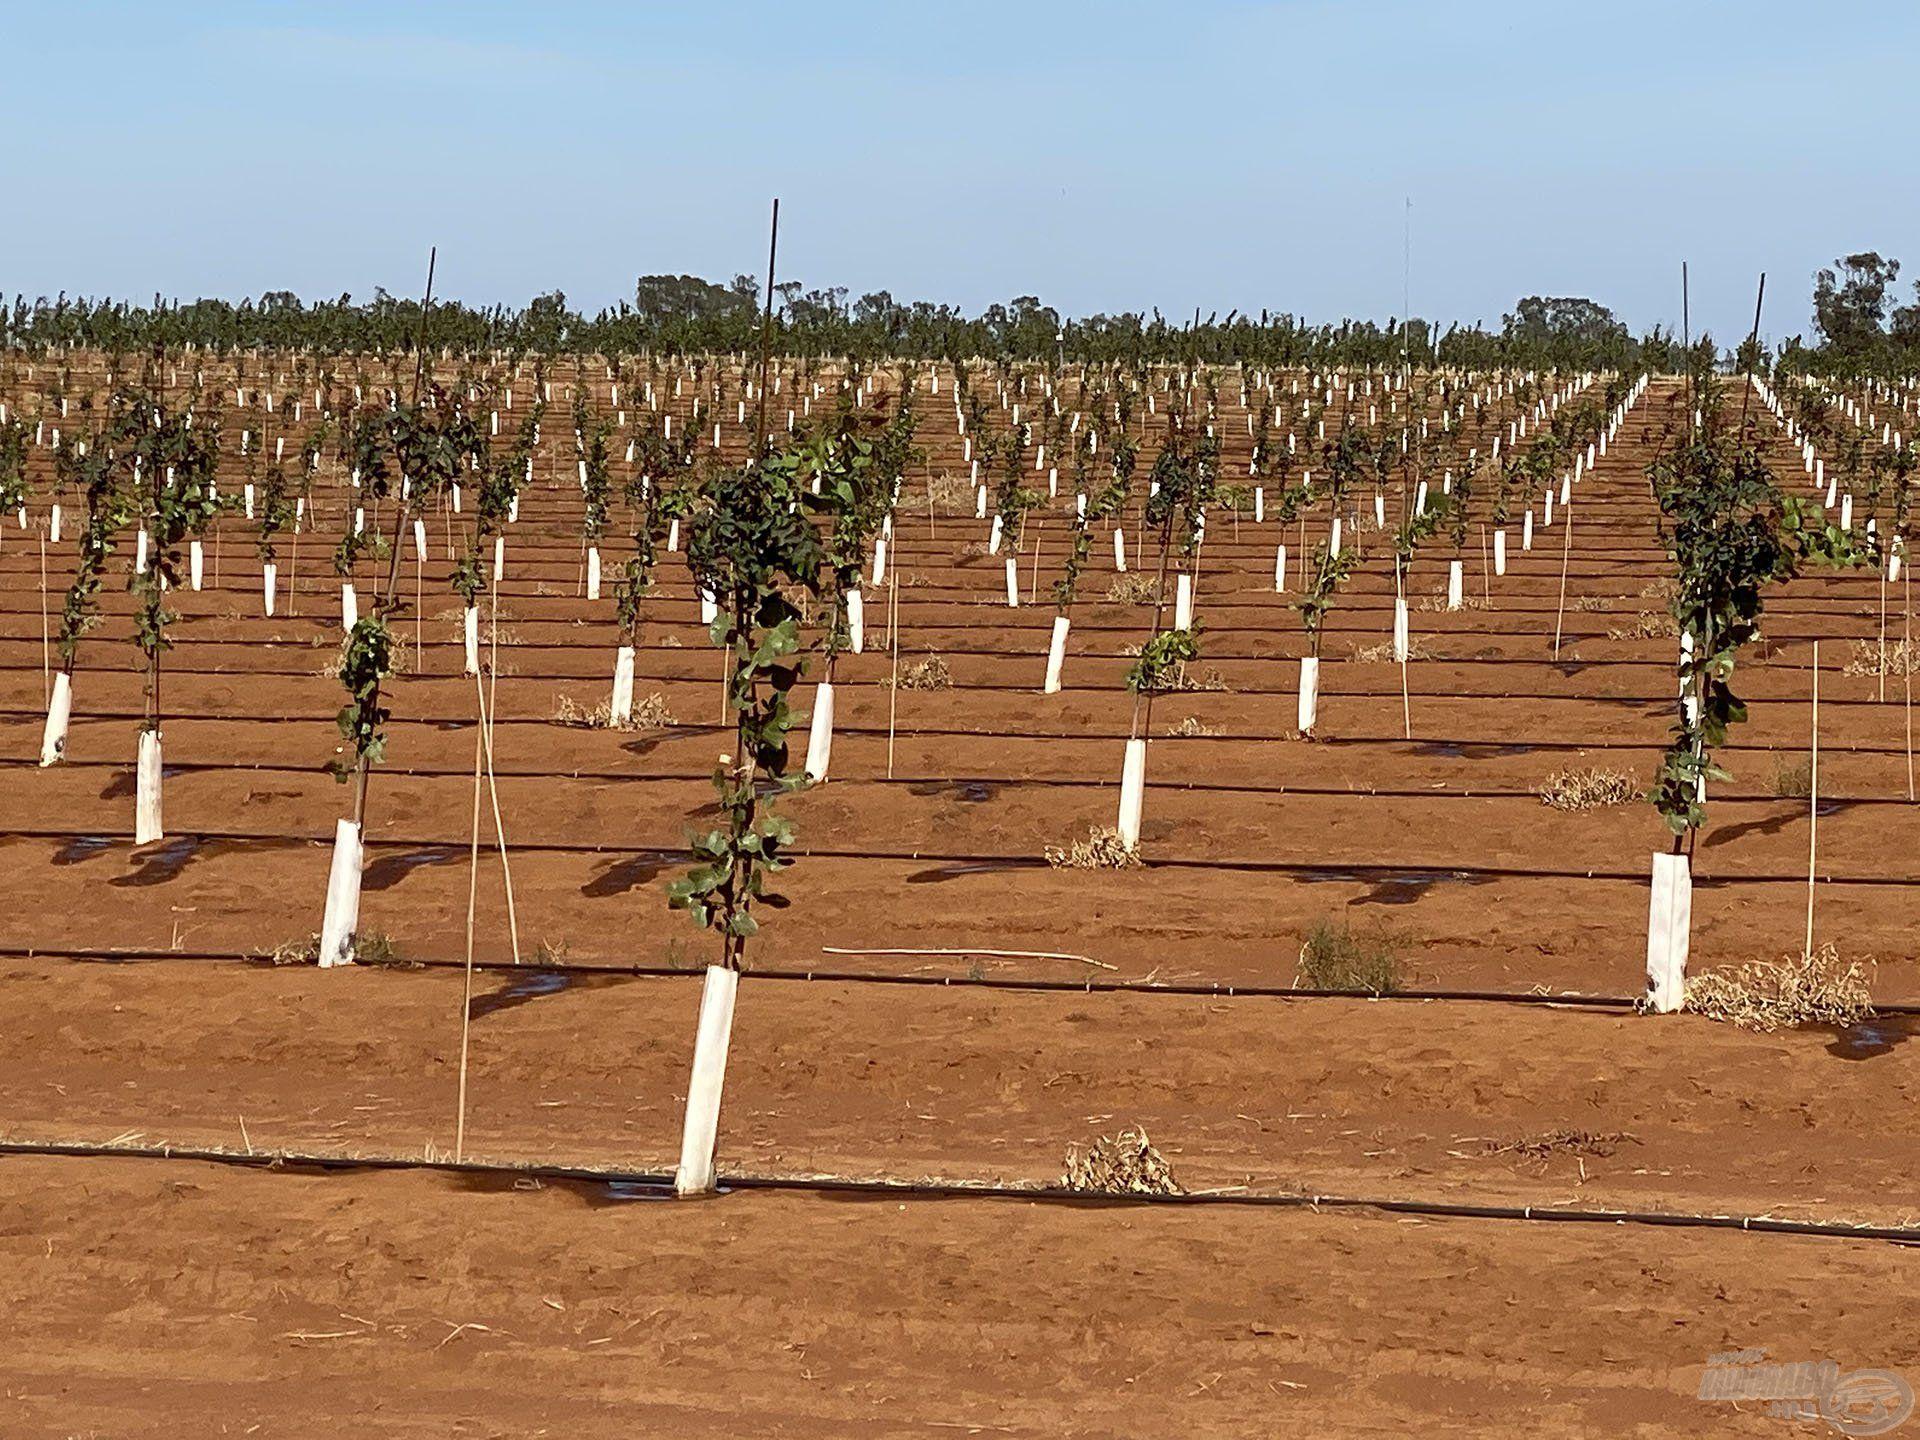 Számunkra elképzelhetetlenül magas szinten van a növénytermesztés és állattartás